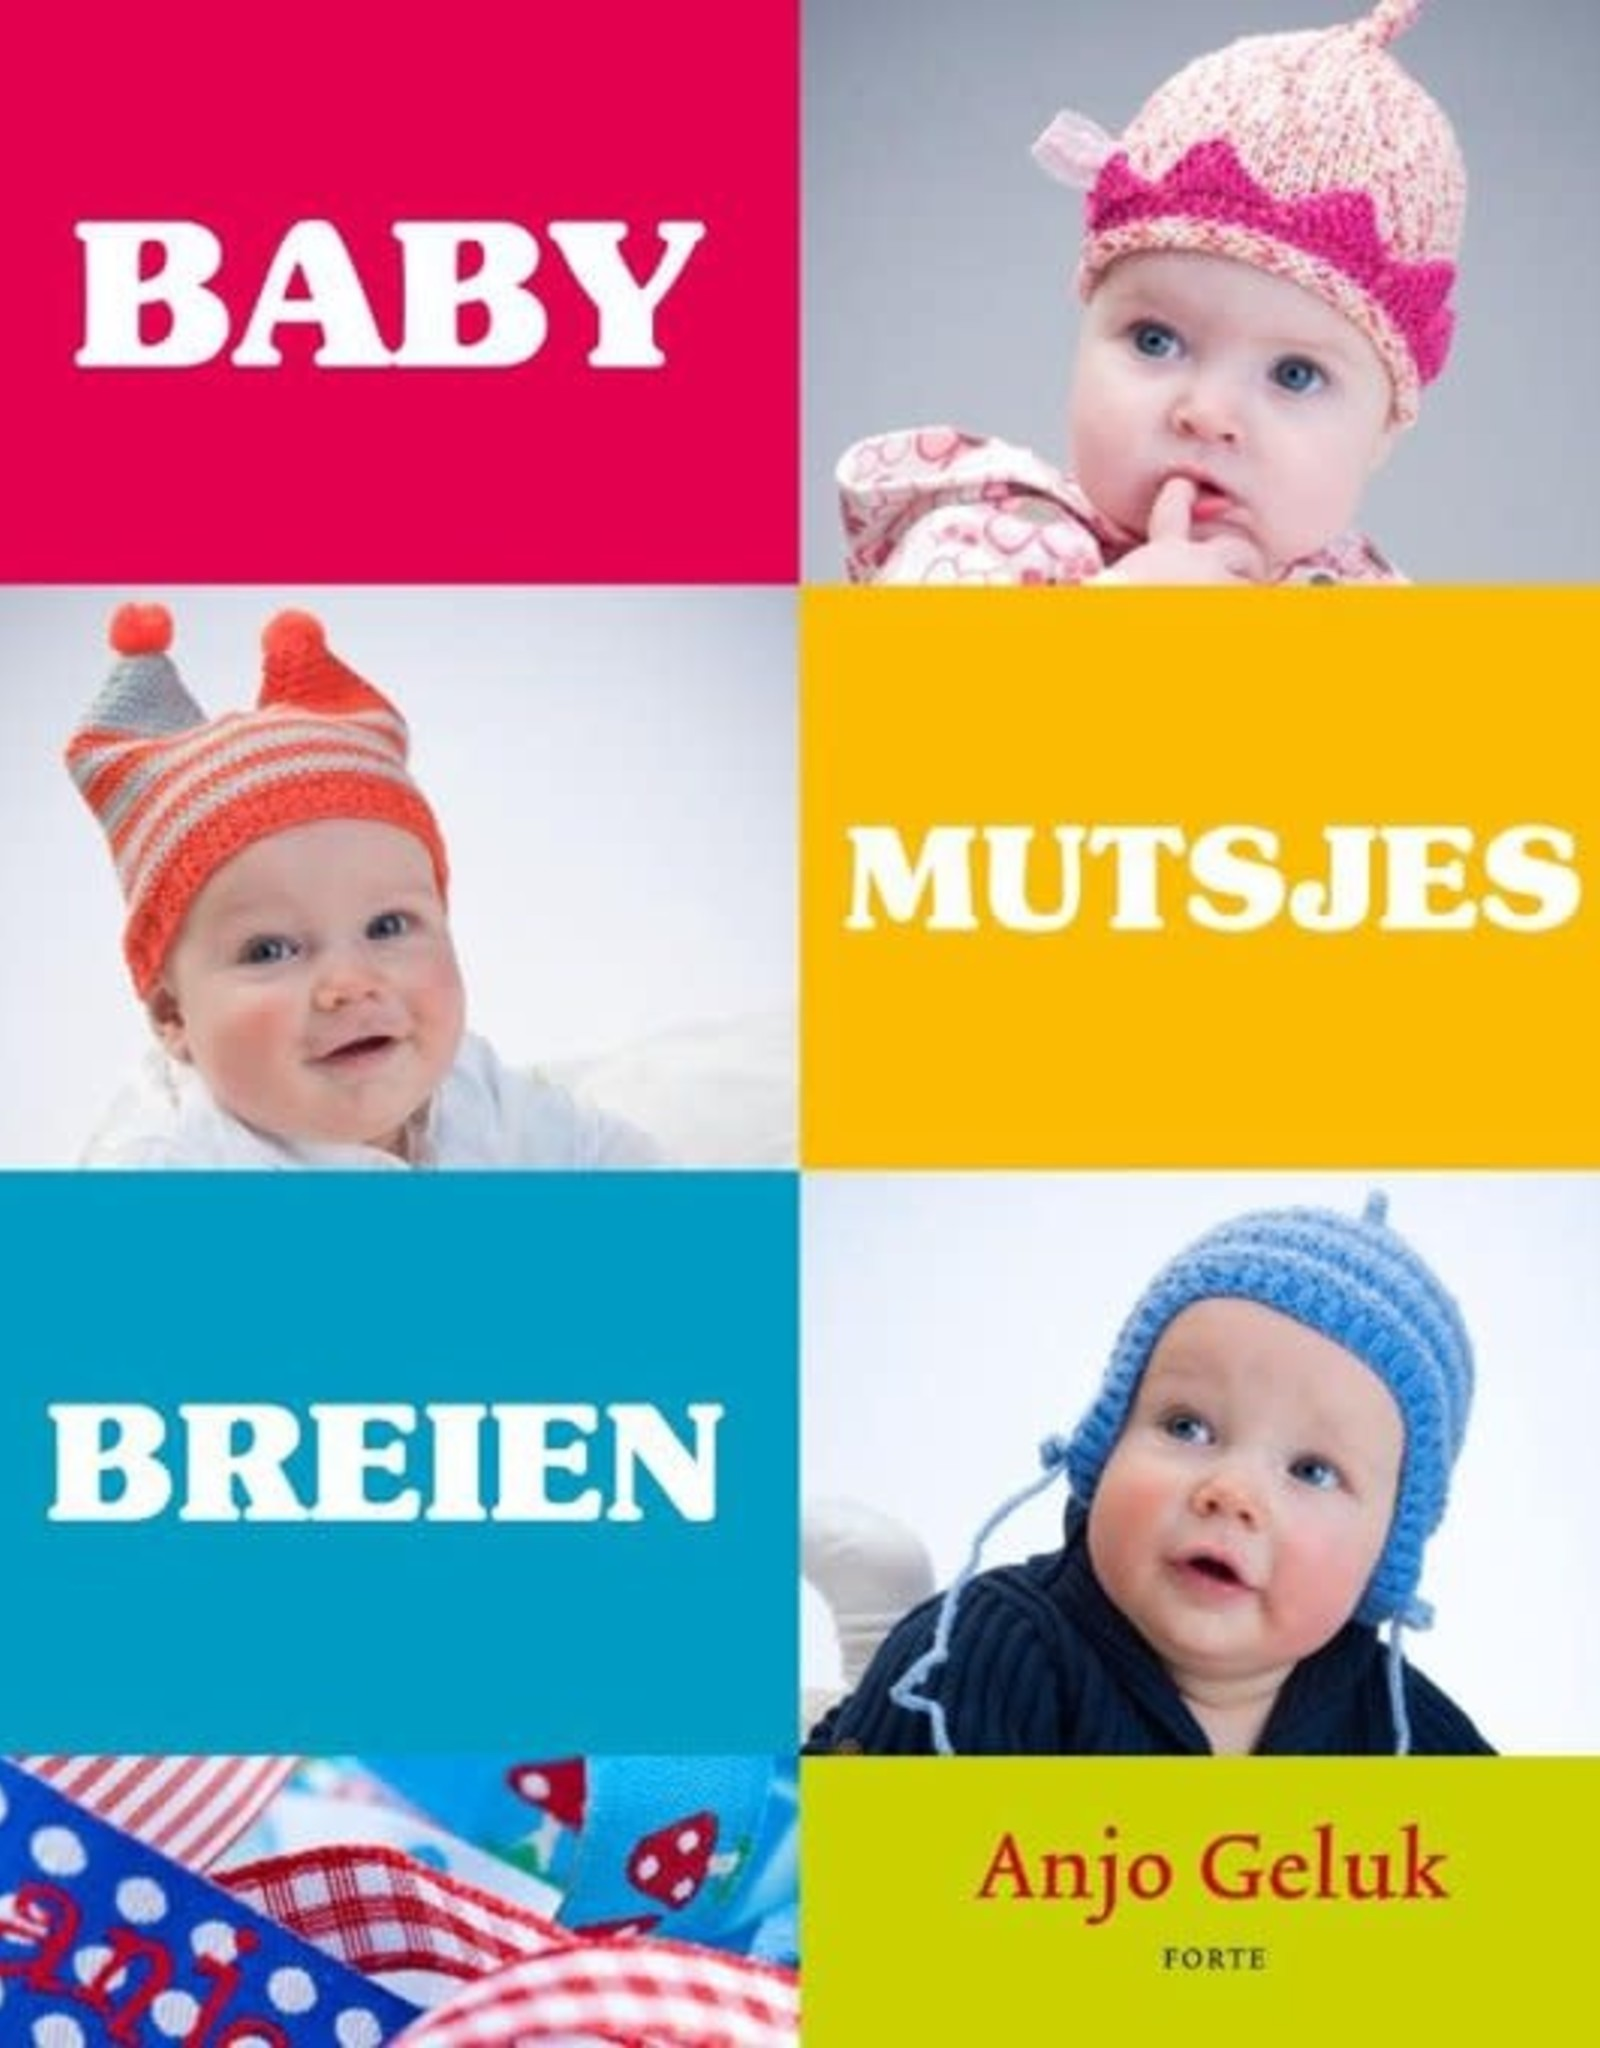 Baby mutsjes breien